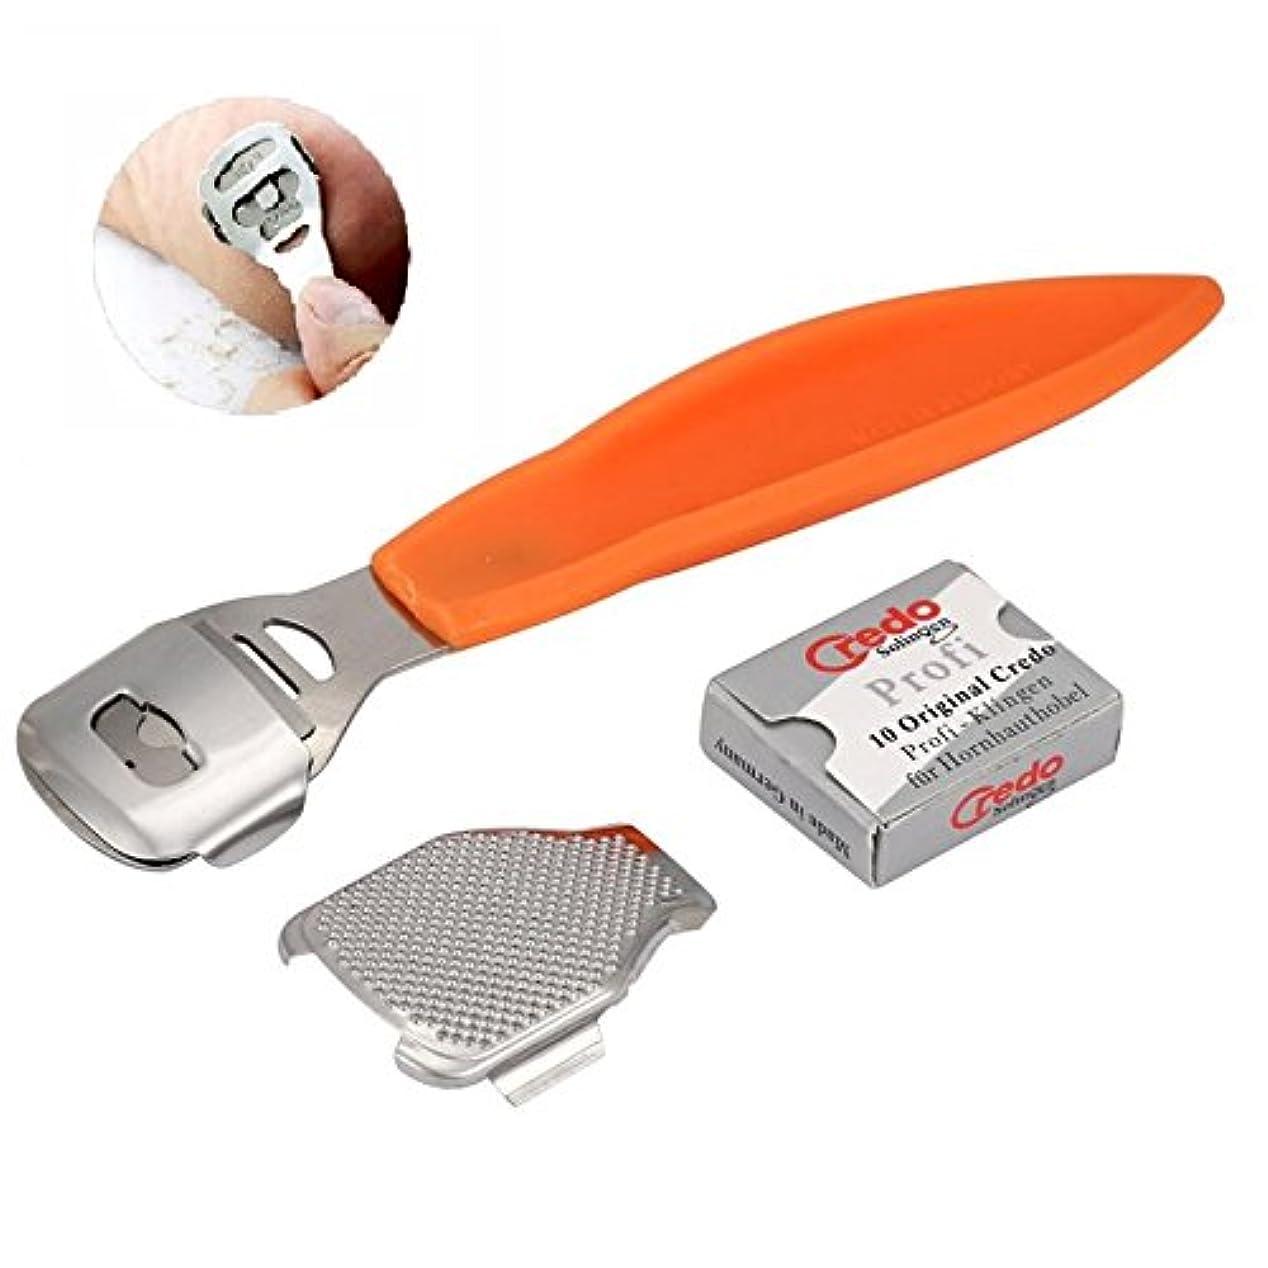 パケット経験的ジュニアFoot File Set Callus Cuticle Remover Hard Dead Skin Shaver Scraper Foot File Blades Pedicure Tools Set Feet Care + 10 x Blades